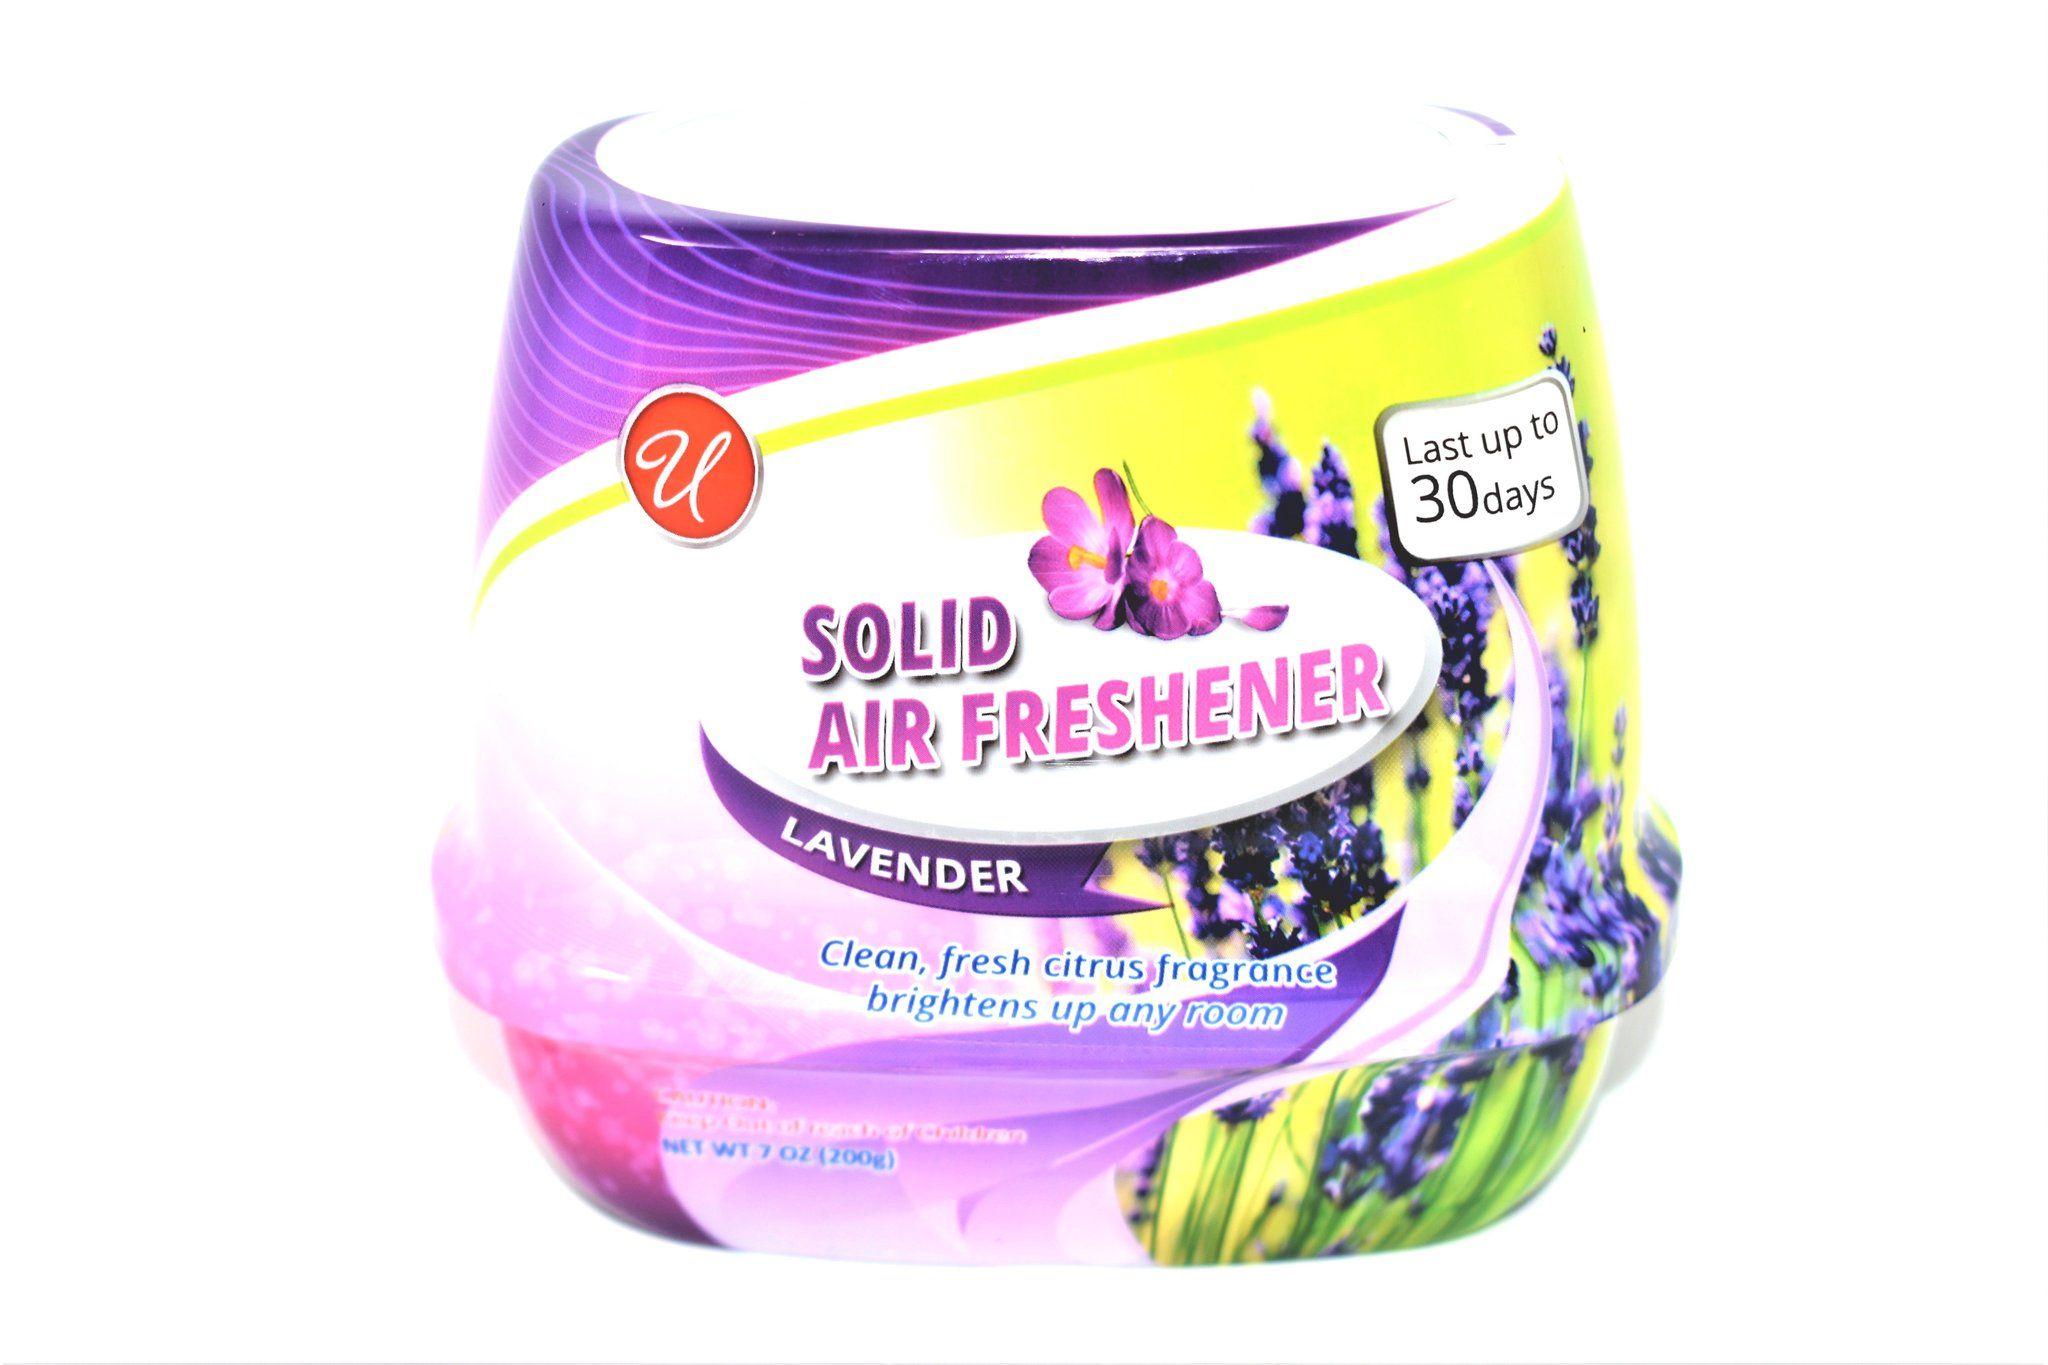 Lavender Solid Air Freshener 7 Oz Freshener Air Freshener Lavender Scent